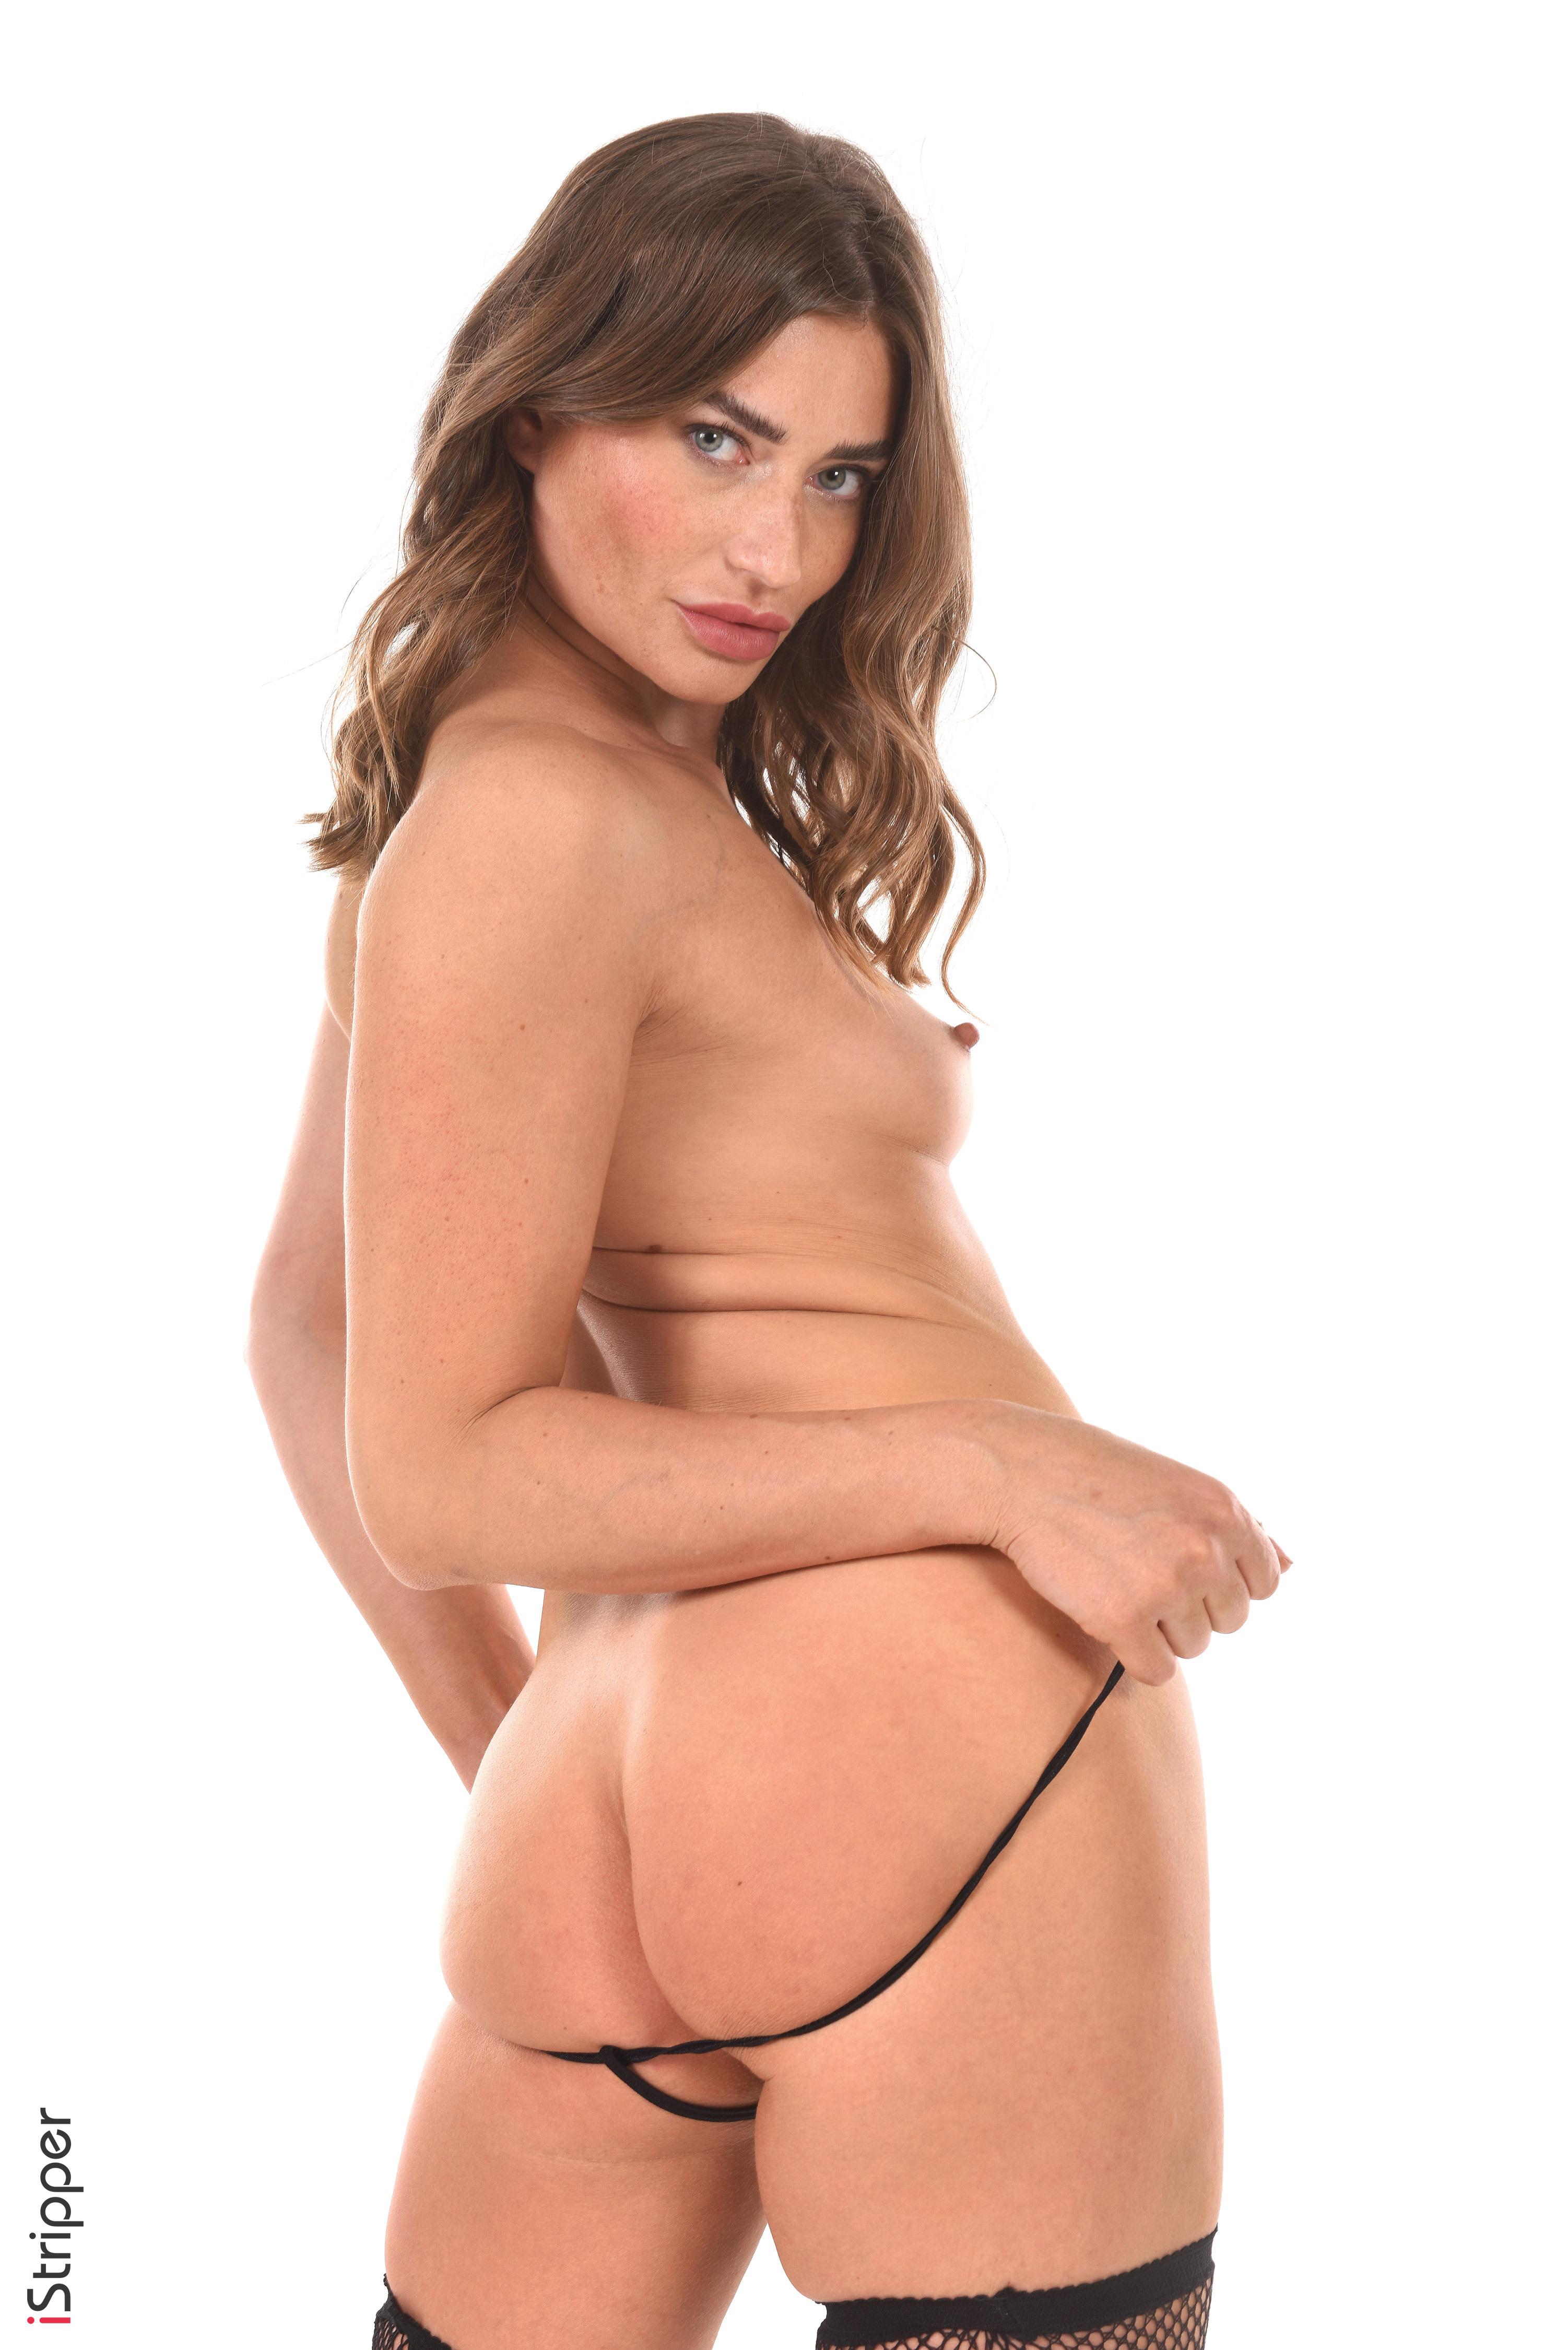 wallpaper women naked